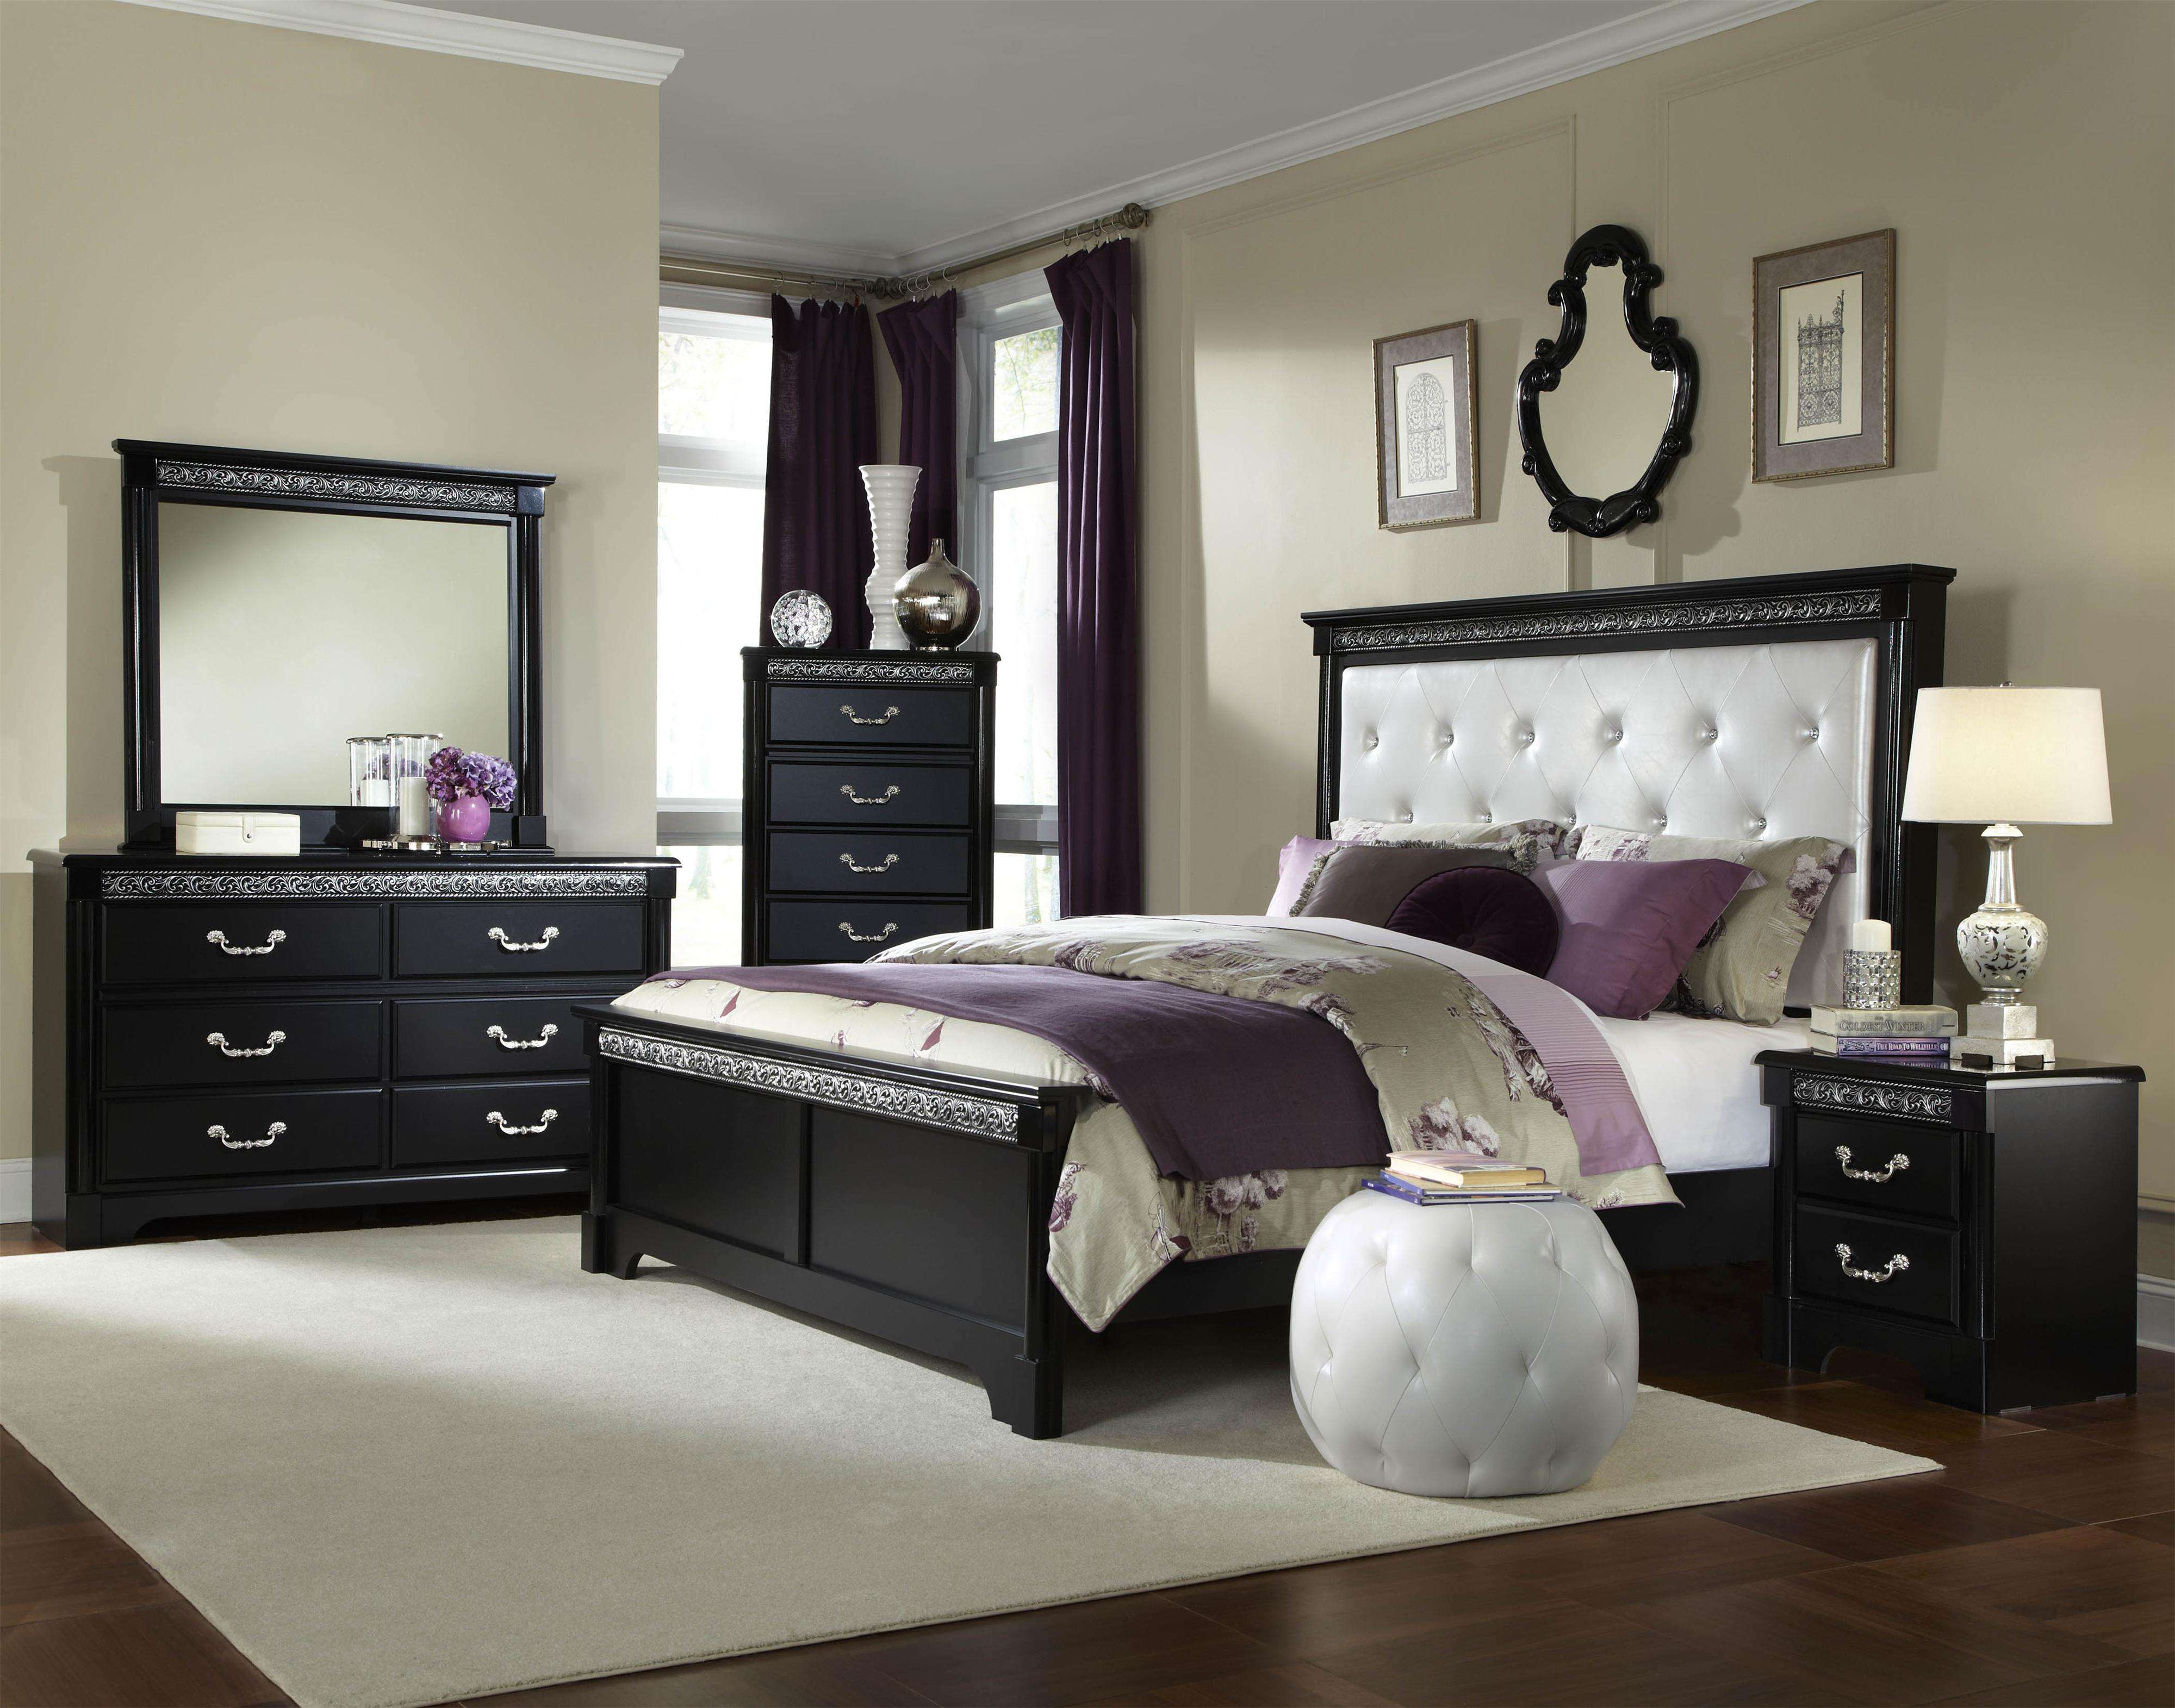 Standard Furniture Venetian Queen Bedroom Group  - Item Number: 69250 Queen Bedroom Group 1